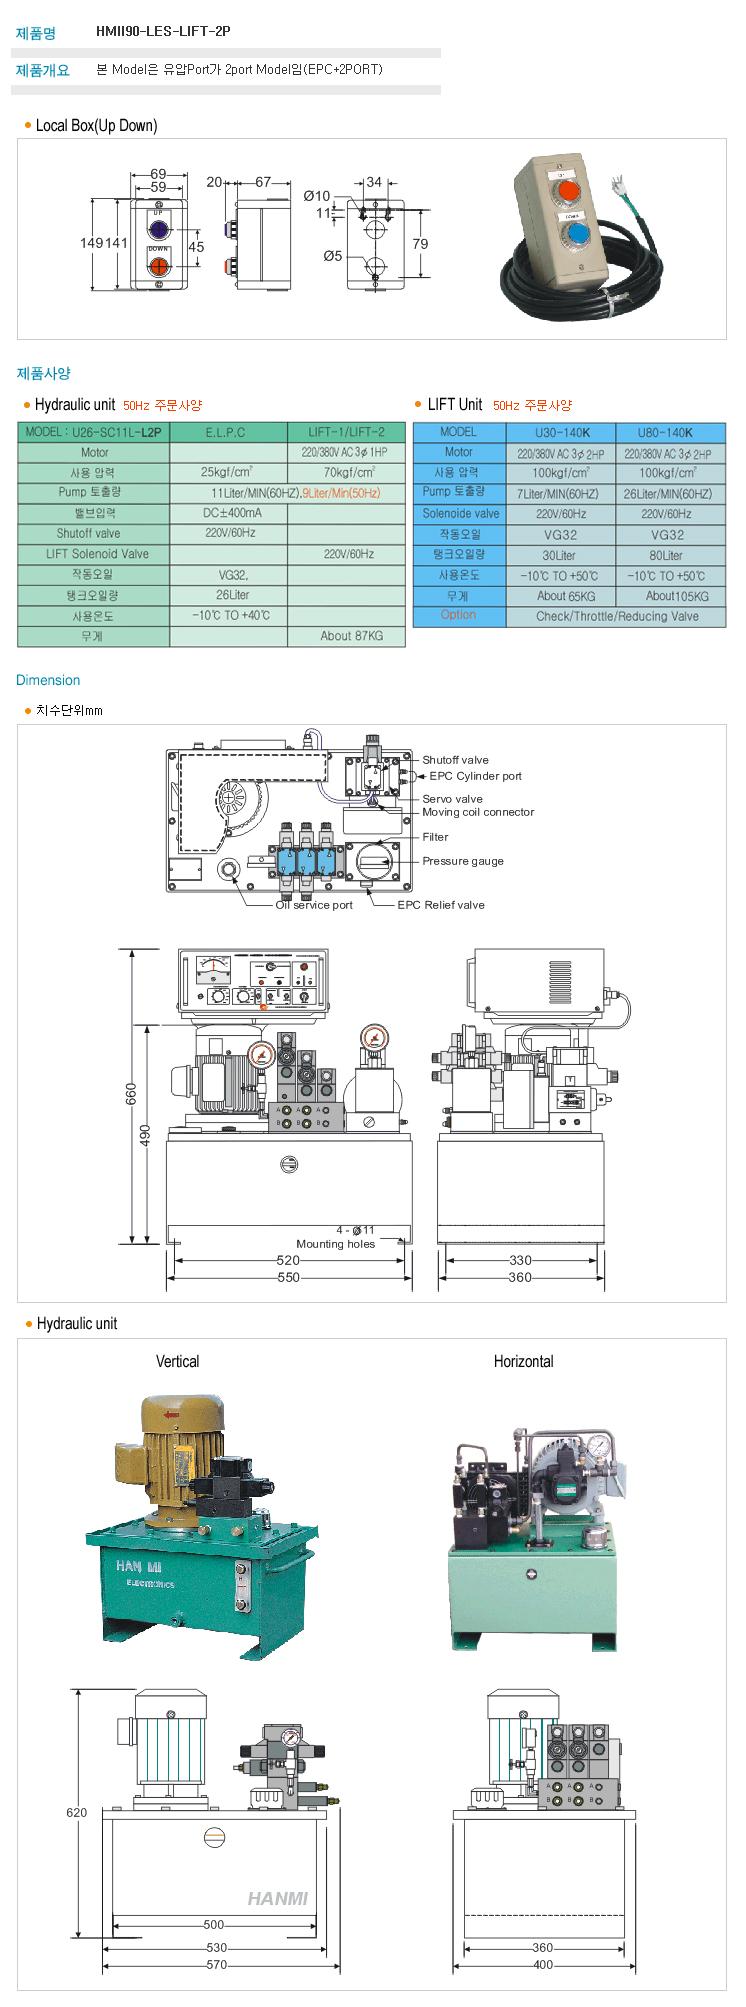 (주)한미전자제어 유압식 (일체형) HMII90-LES-L2P 1